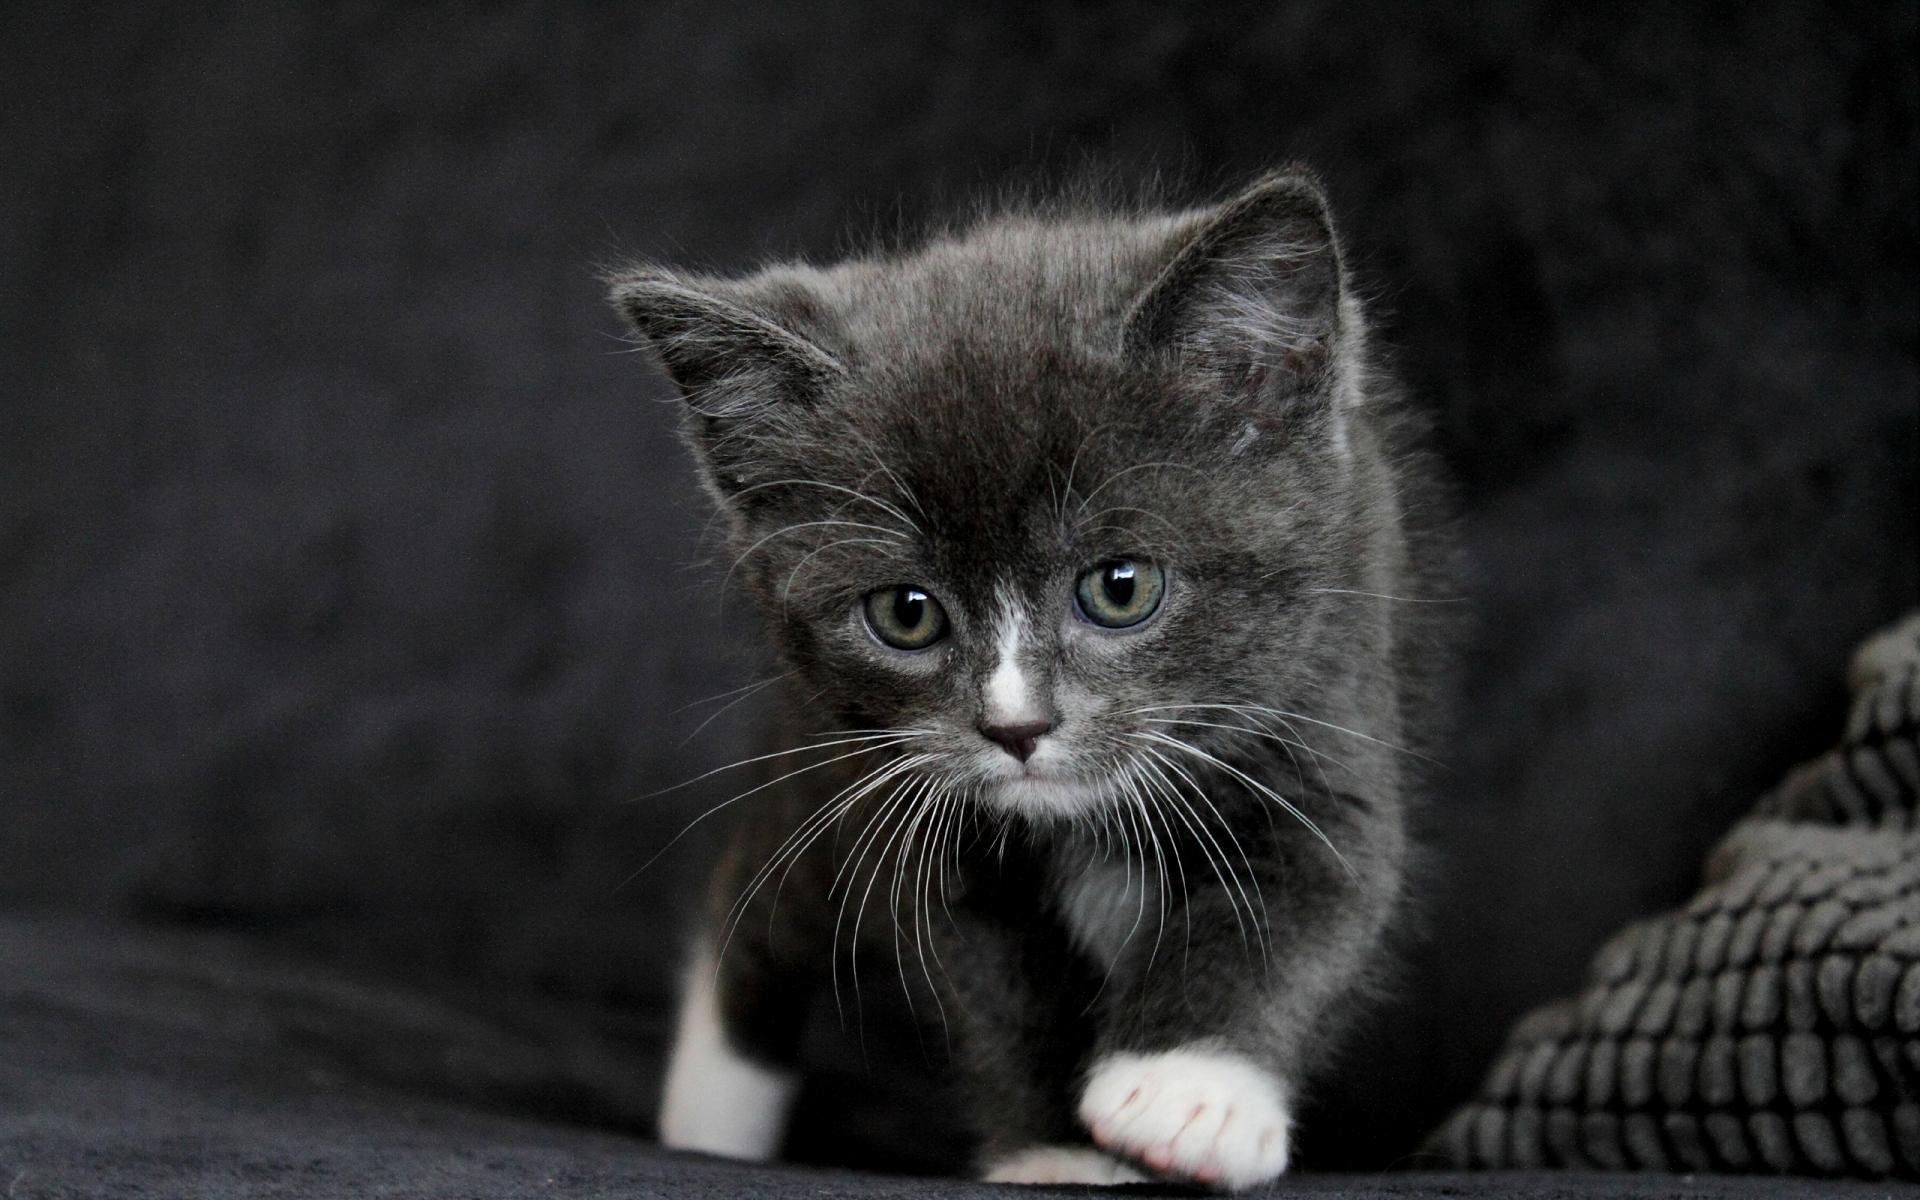 картинки с серыми кошками на рабочий стол страница